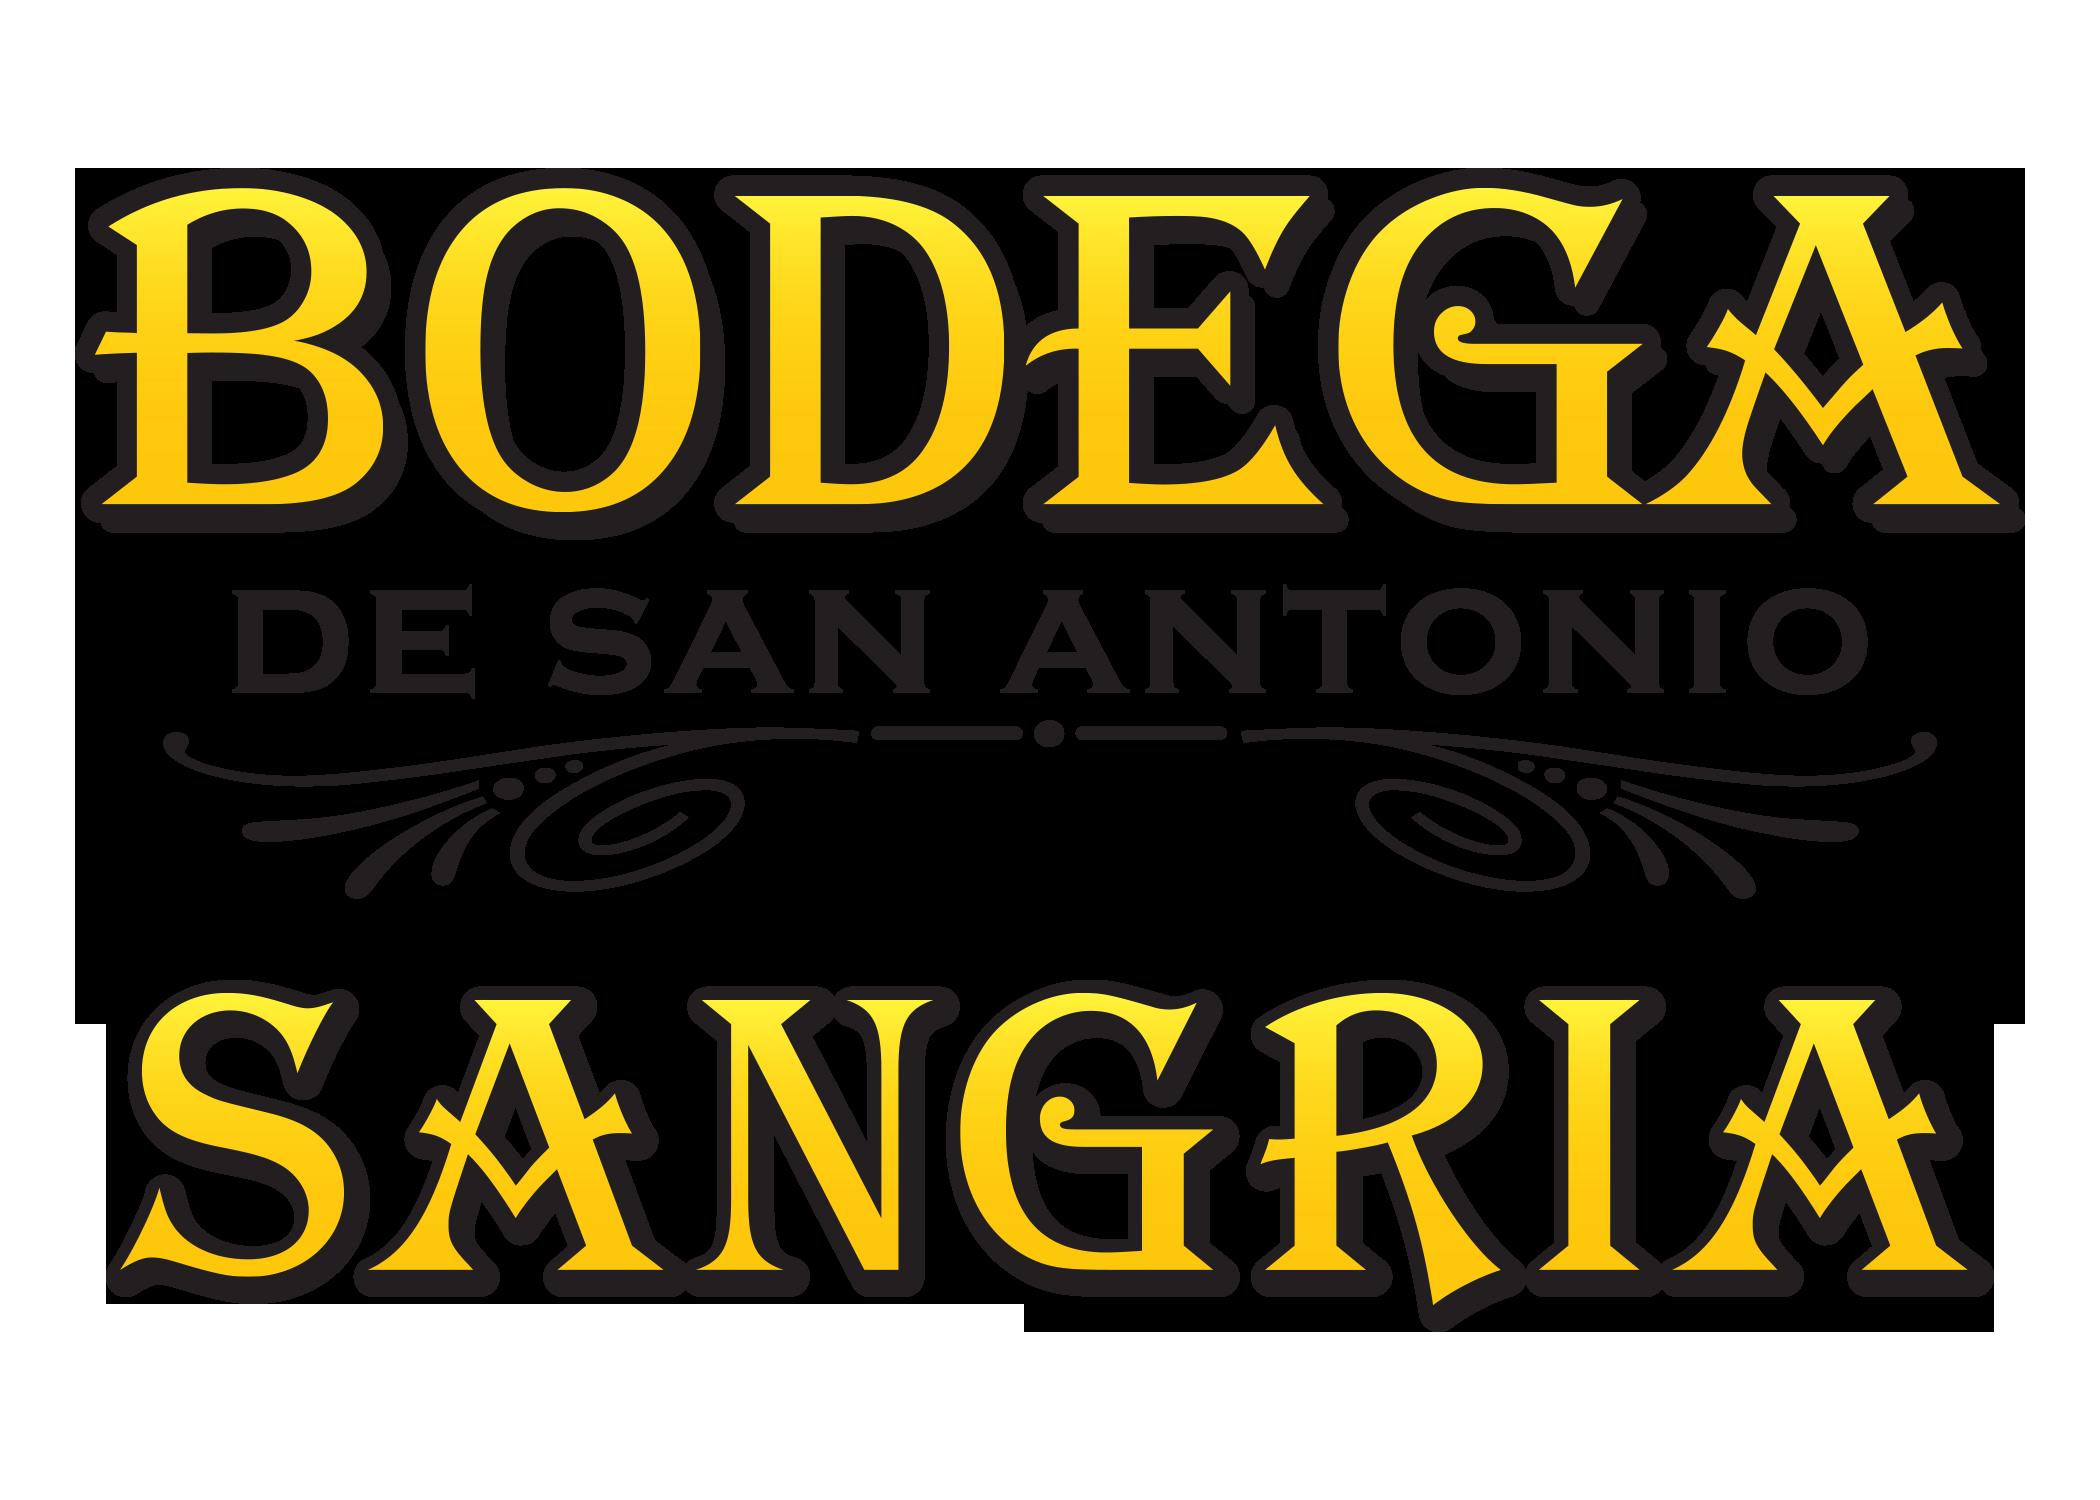 Bodega_Color.png